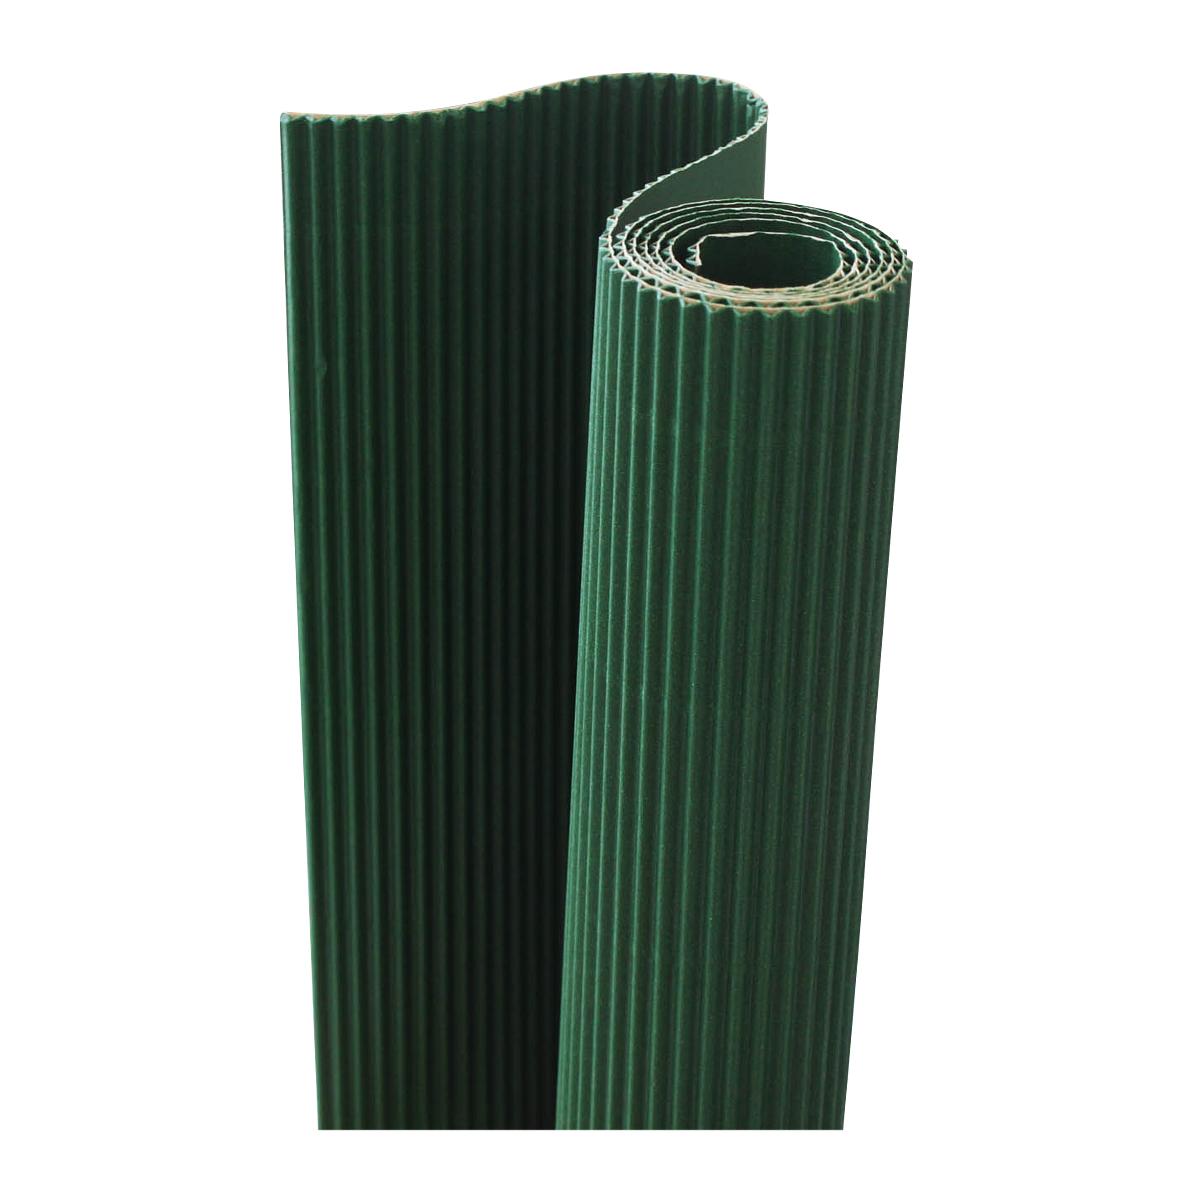 Картон гофрированный Folia, цвет: темно-зеленый, 50 х 70 см7710888_58 темно-зеленыйДвухслойный гофрированный картон Folia в основном применяется для декорирования. Он состоит из одного слоя плоского картона и слоя бумаги, имеющую волнообразную (гофрированную) форму. Отличается малым весом и высокими физическими параметрами.Применение: для дизайнерских и оформительских работ, для декоративного детского творчества. Также такой материал хорошо зарекомендовал себя в качестве упаковочного материала.